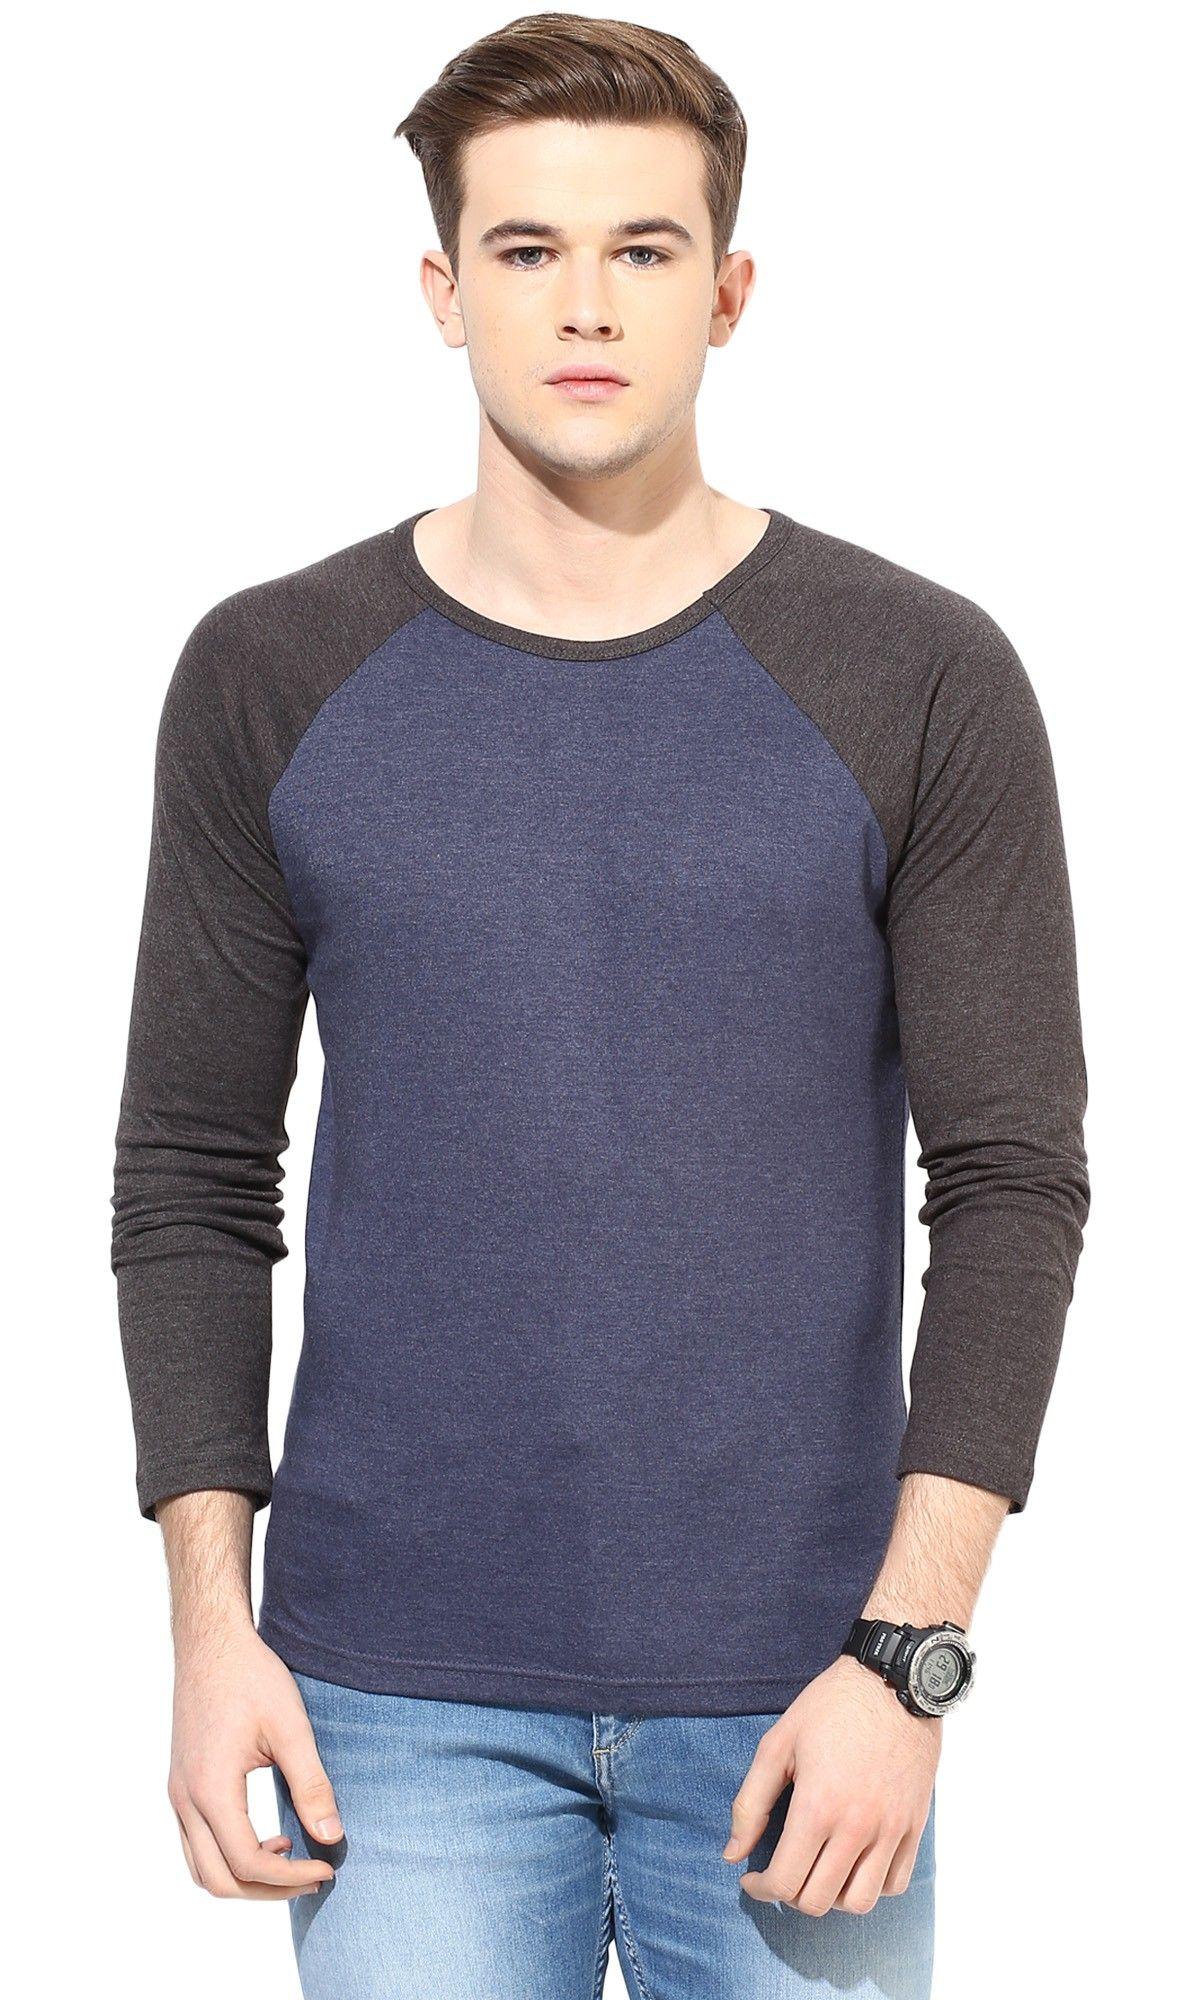 Henley Full Sleeve T-shirt